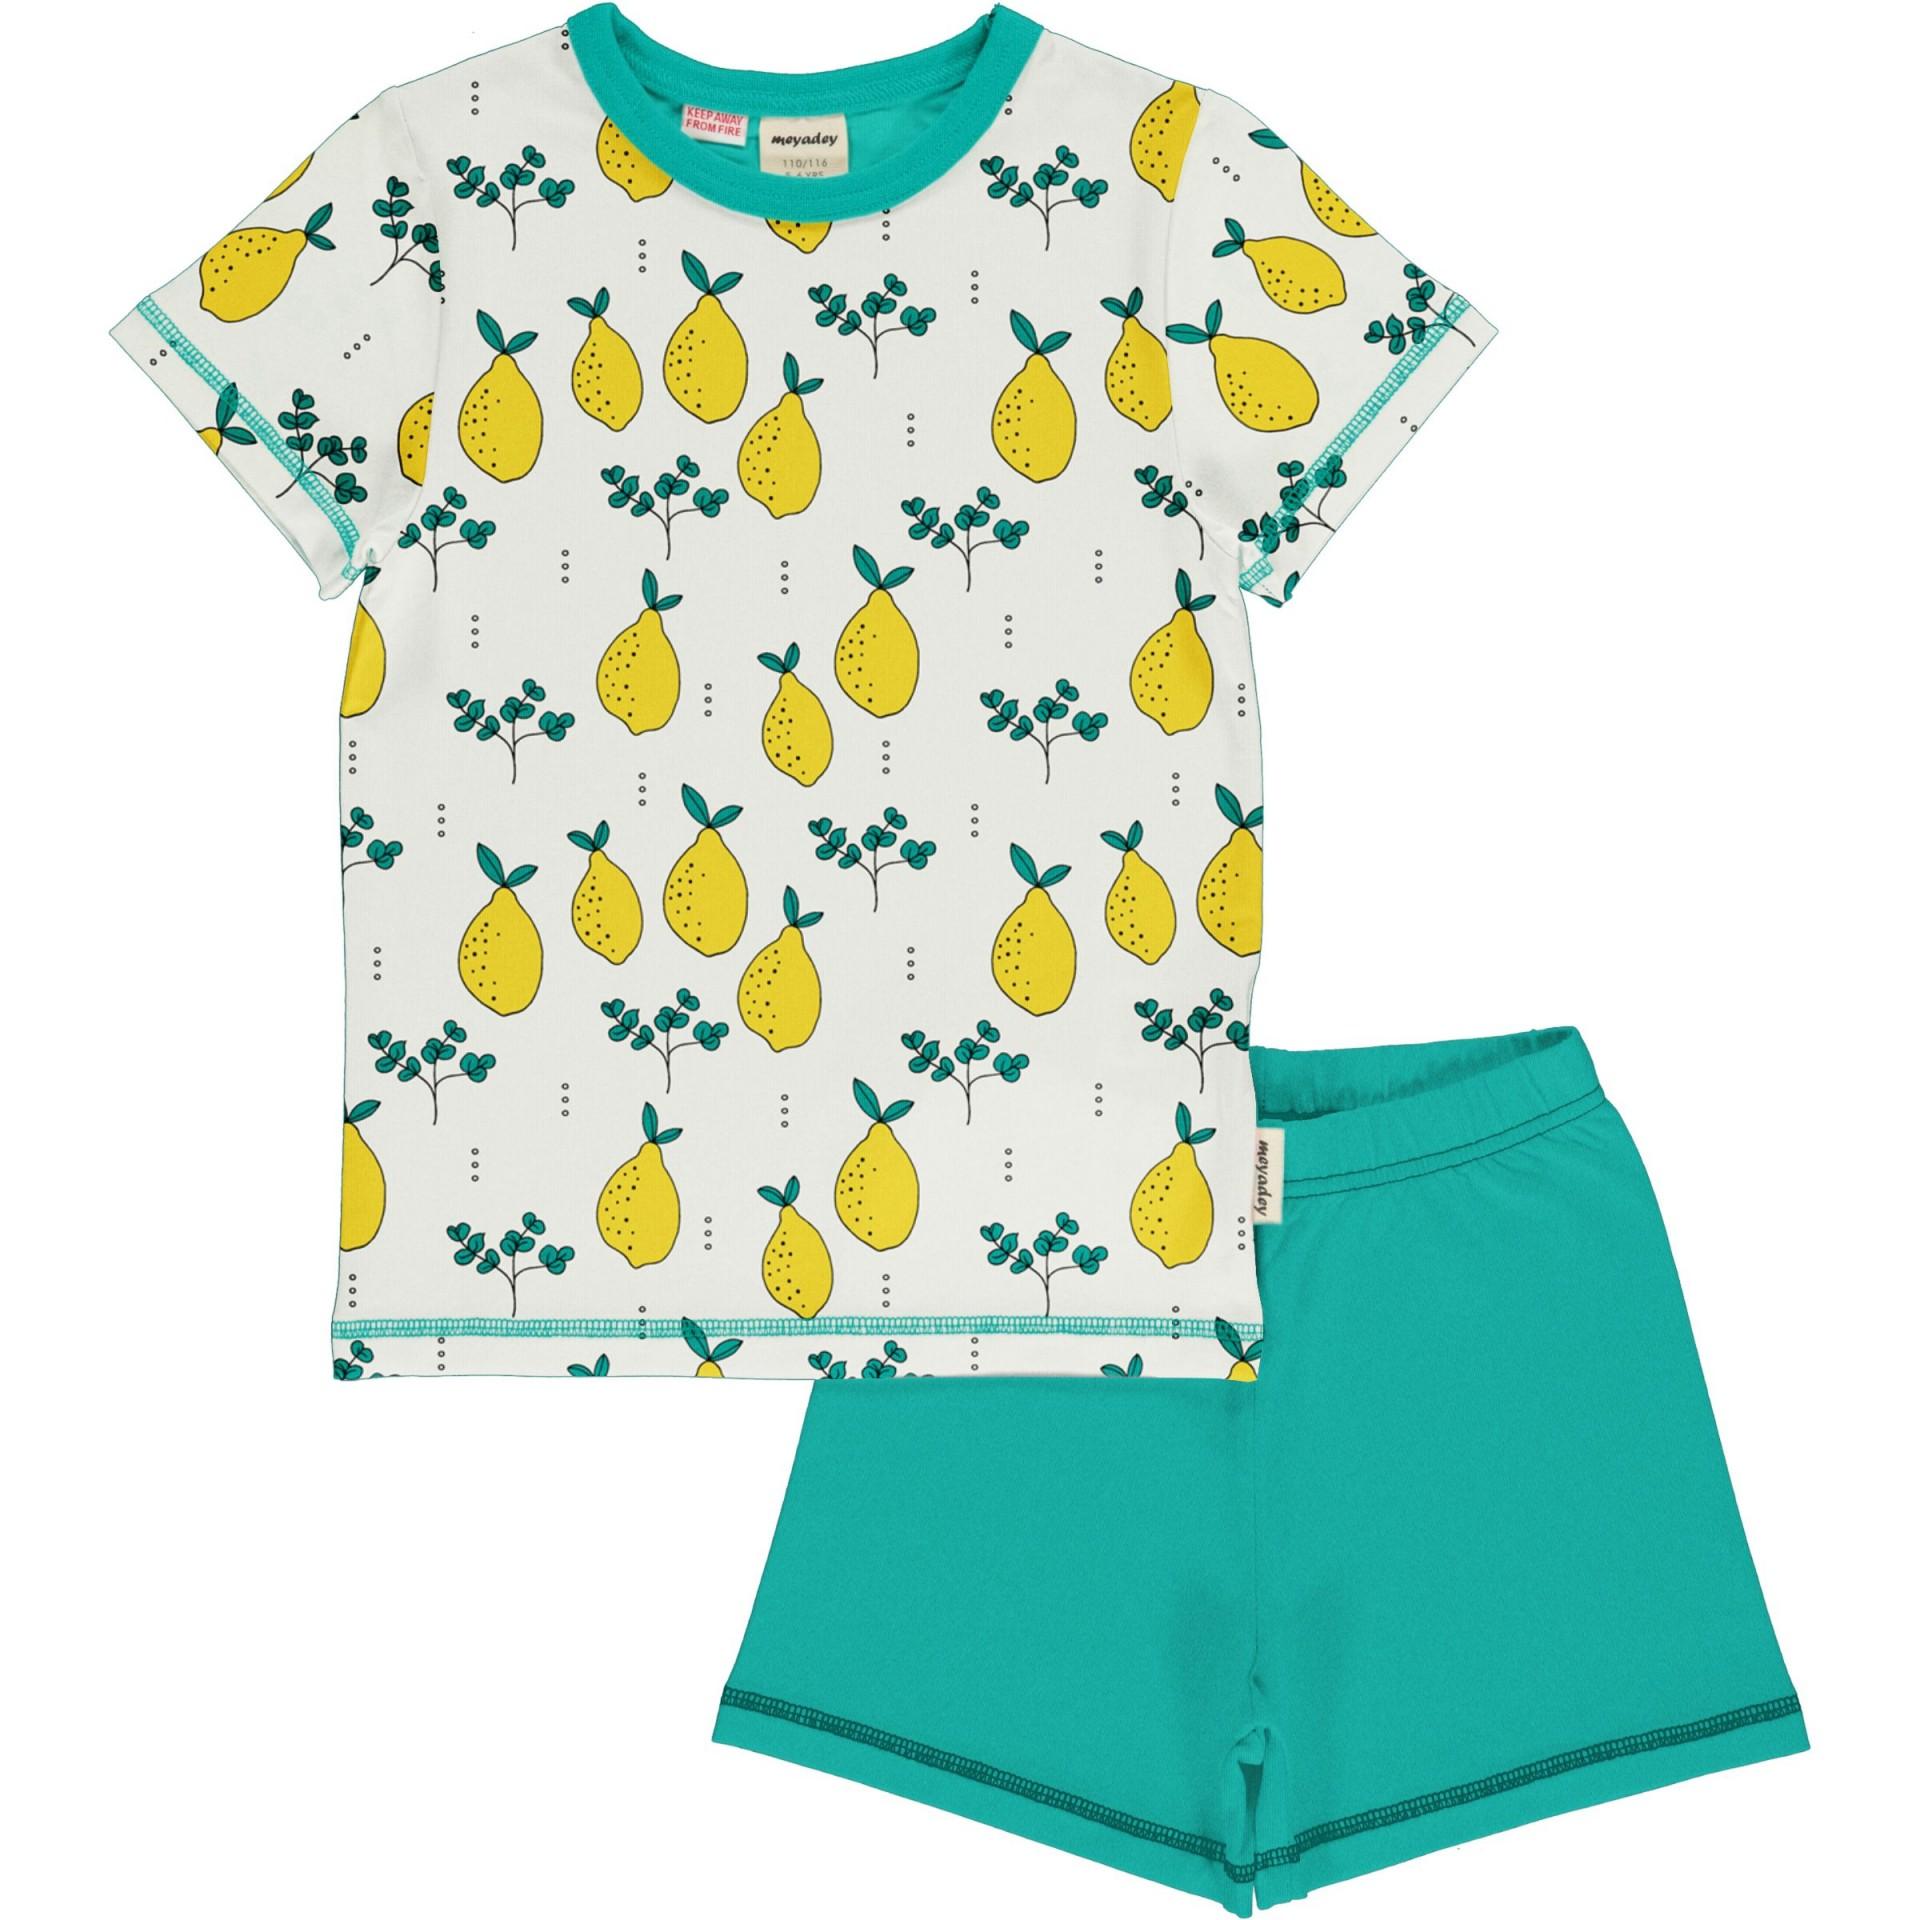 Pijama LEAFY LEMON Meyaday (Tamanhos disponíveis 18-24m, 3-4a, 5-6a, 7-8a)